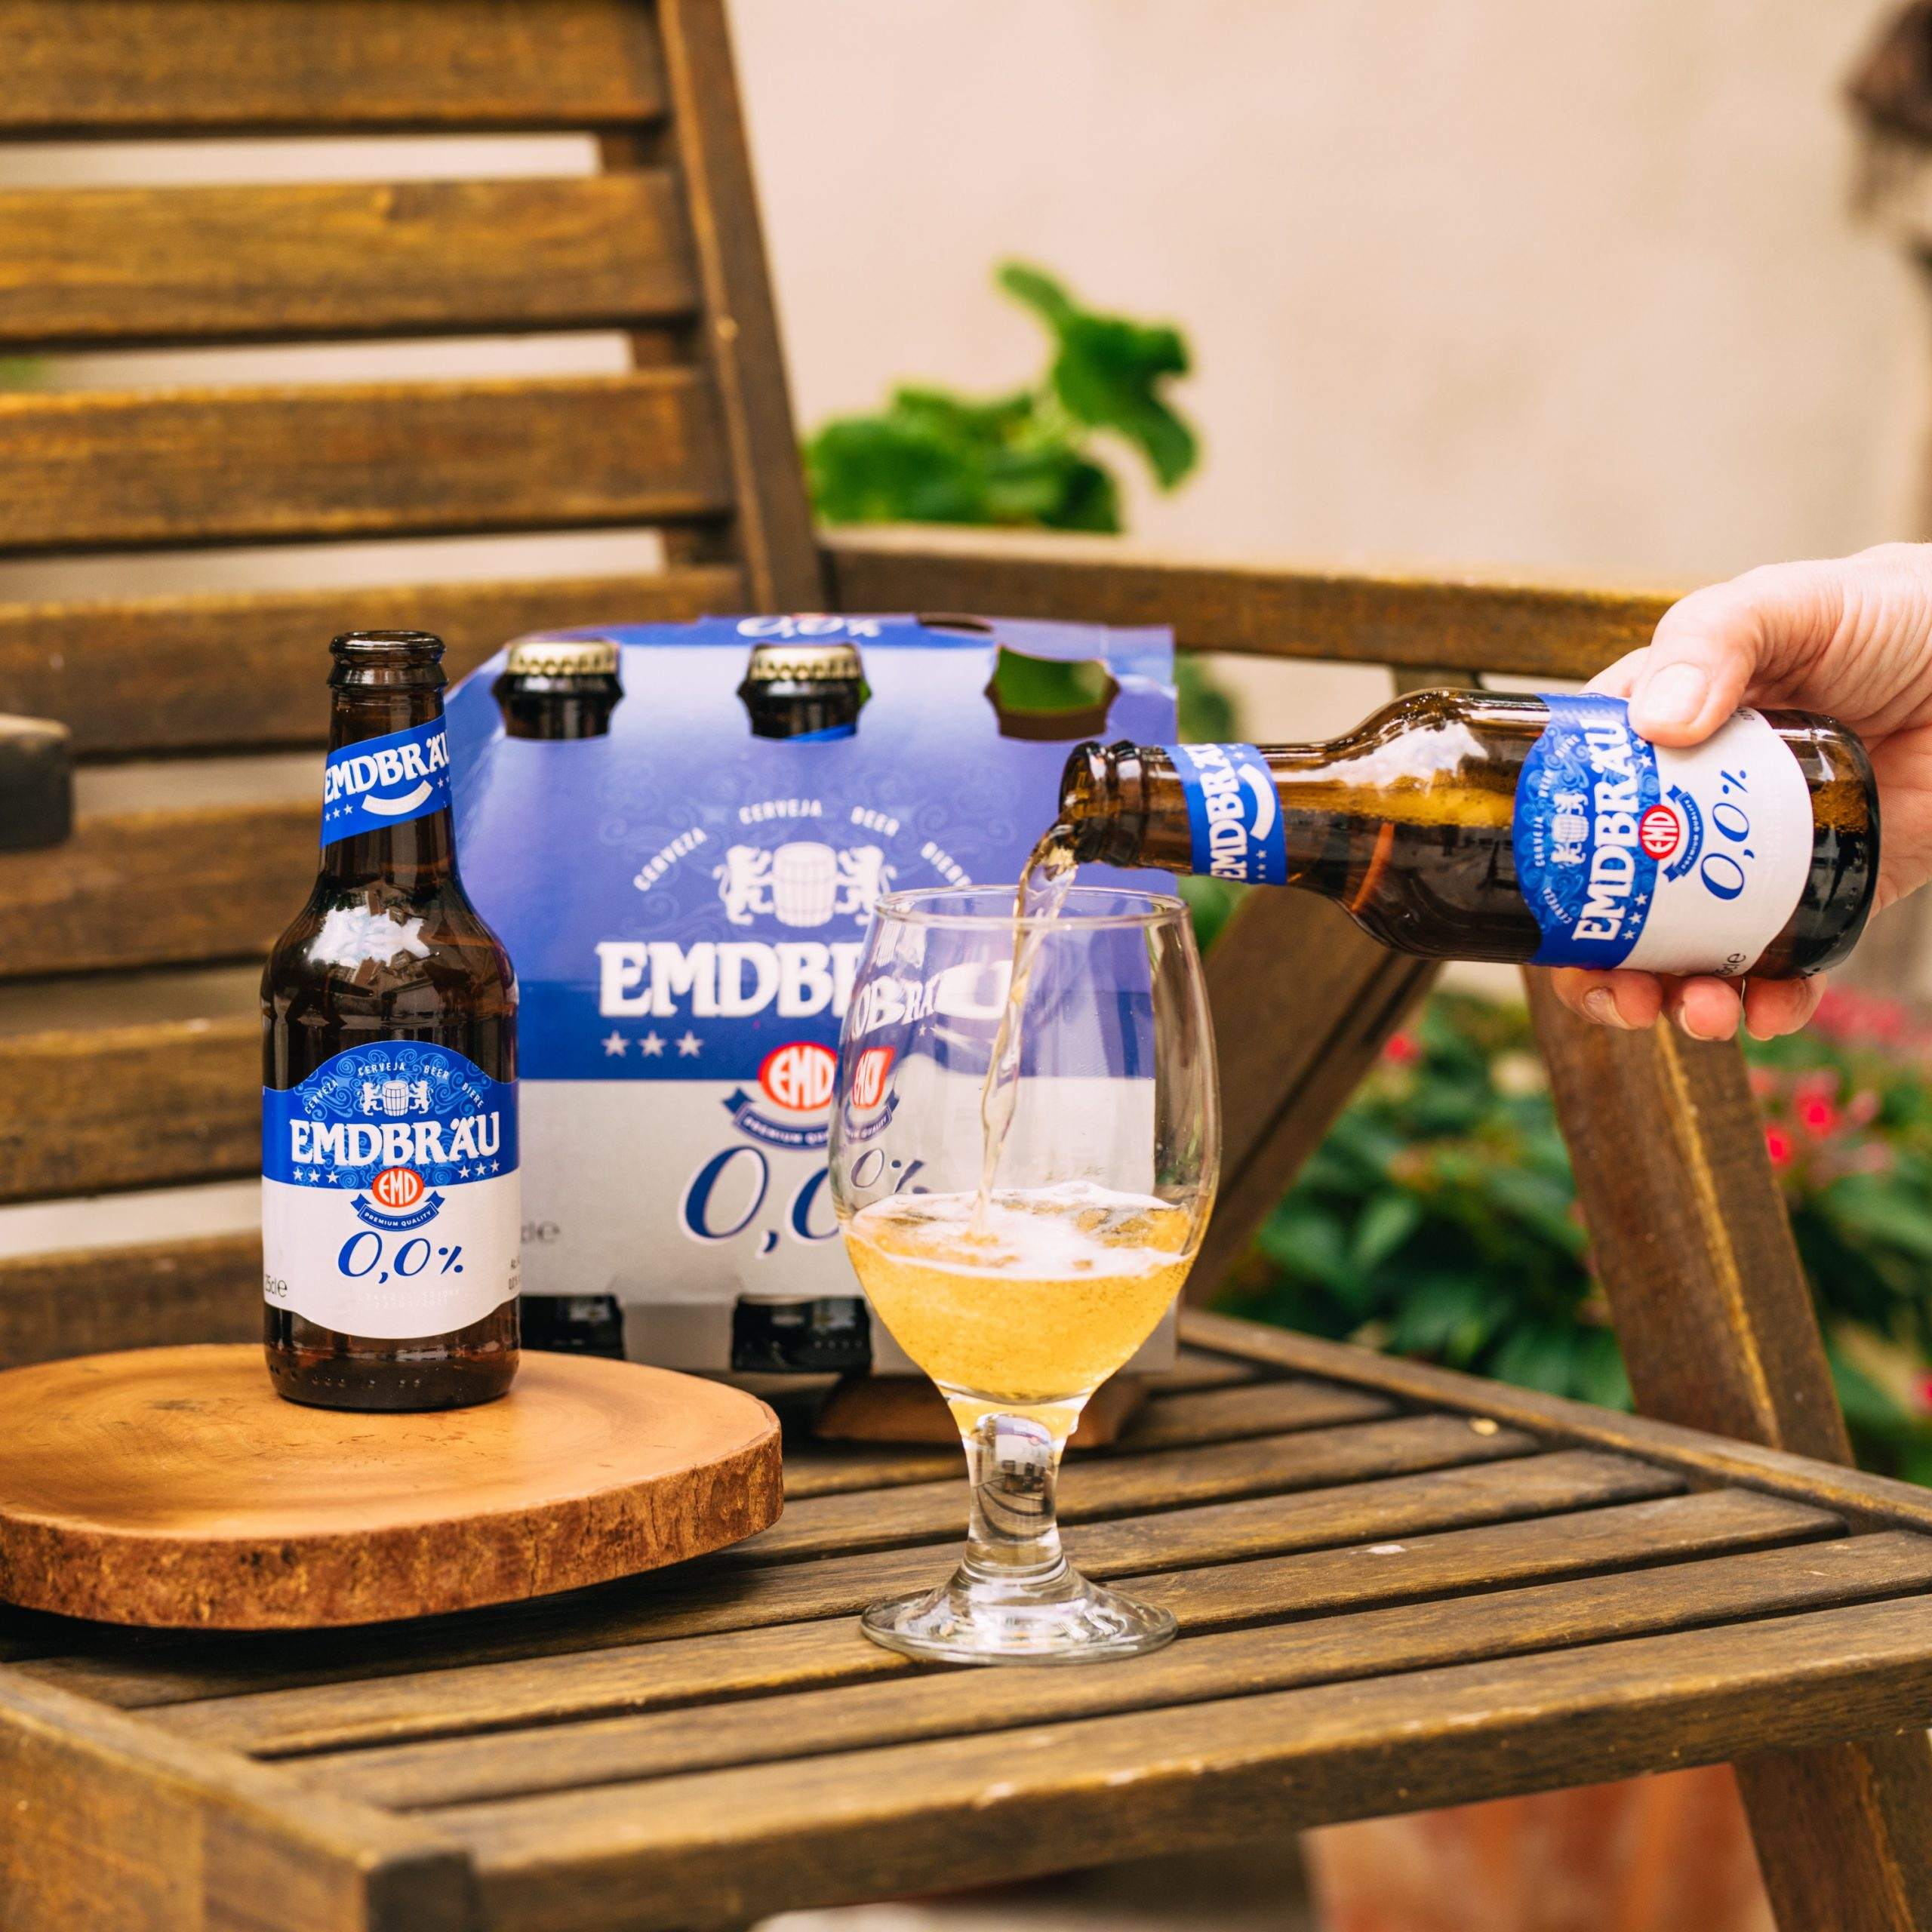 Cerveza Emdbrau